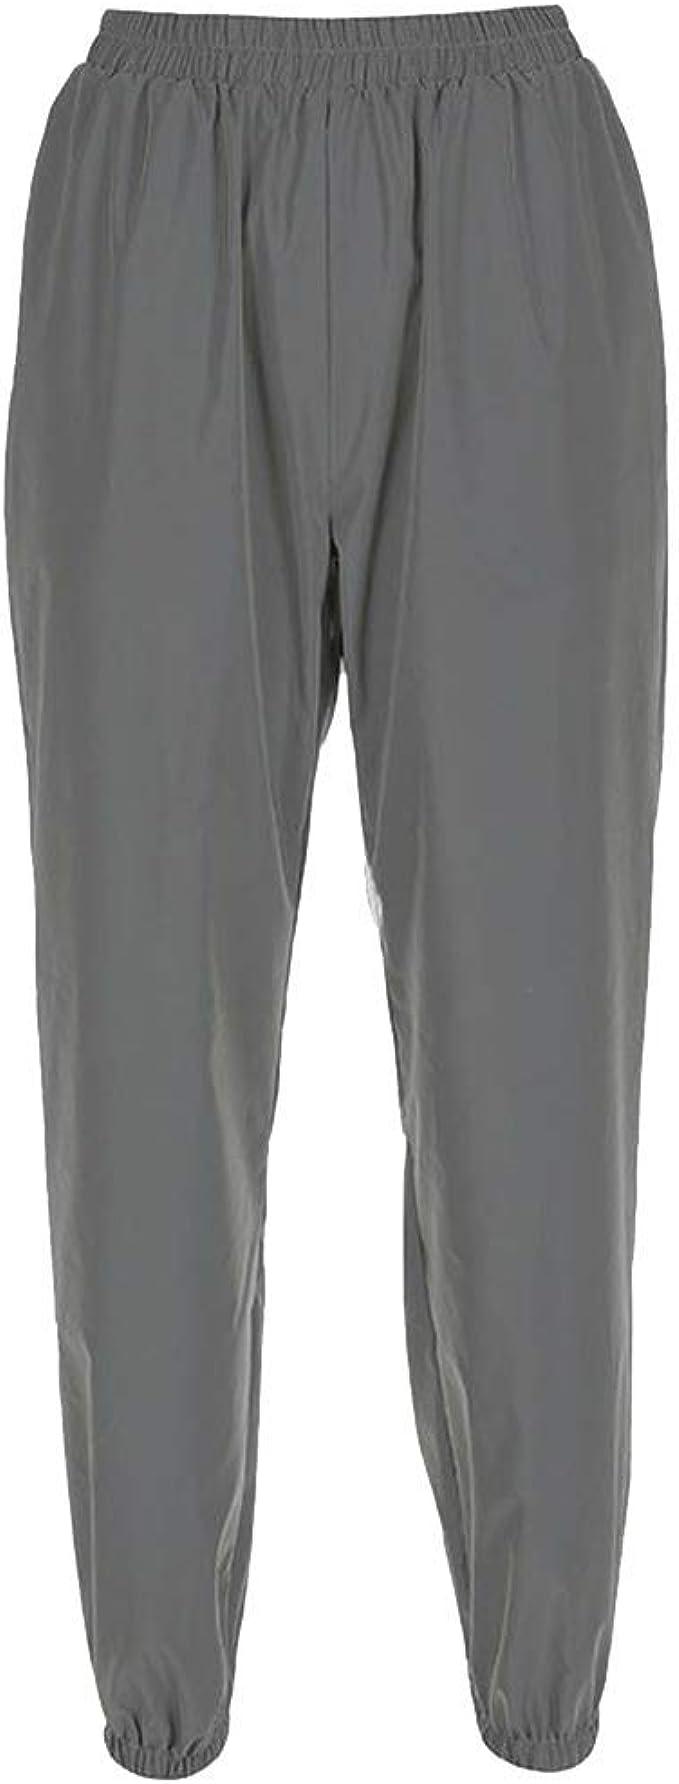 Eamqrkt Pantalones Reflectivos Para Mujer Amazon Es Ropa Y Accesorios